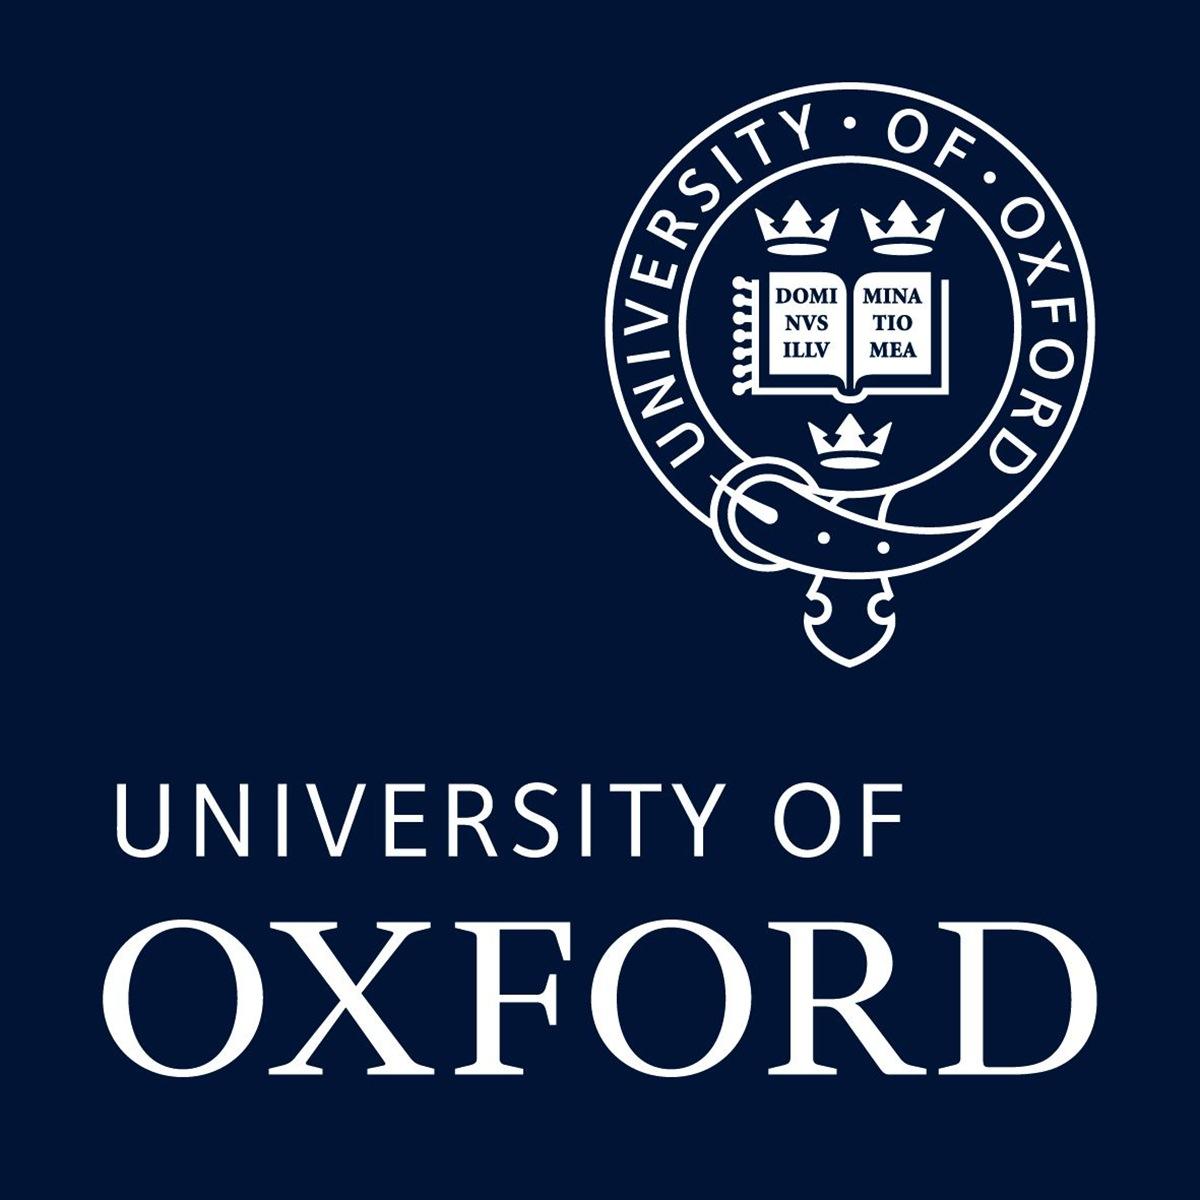 oxford-university-logo-2012.jpg